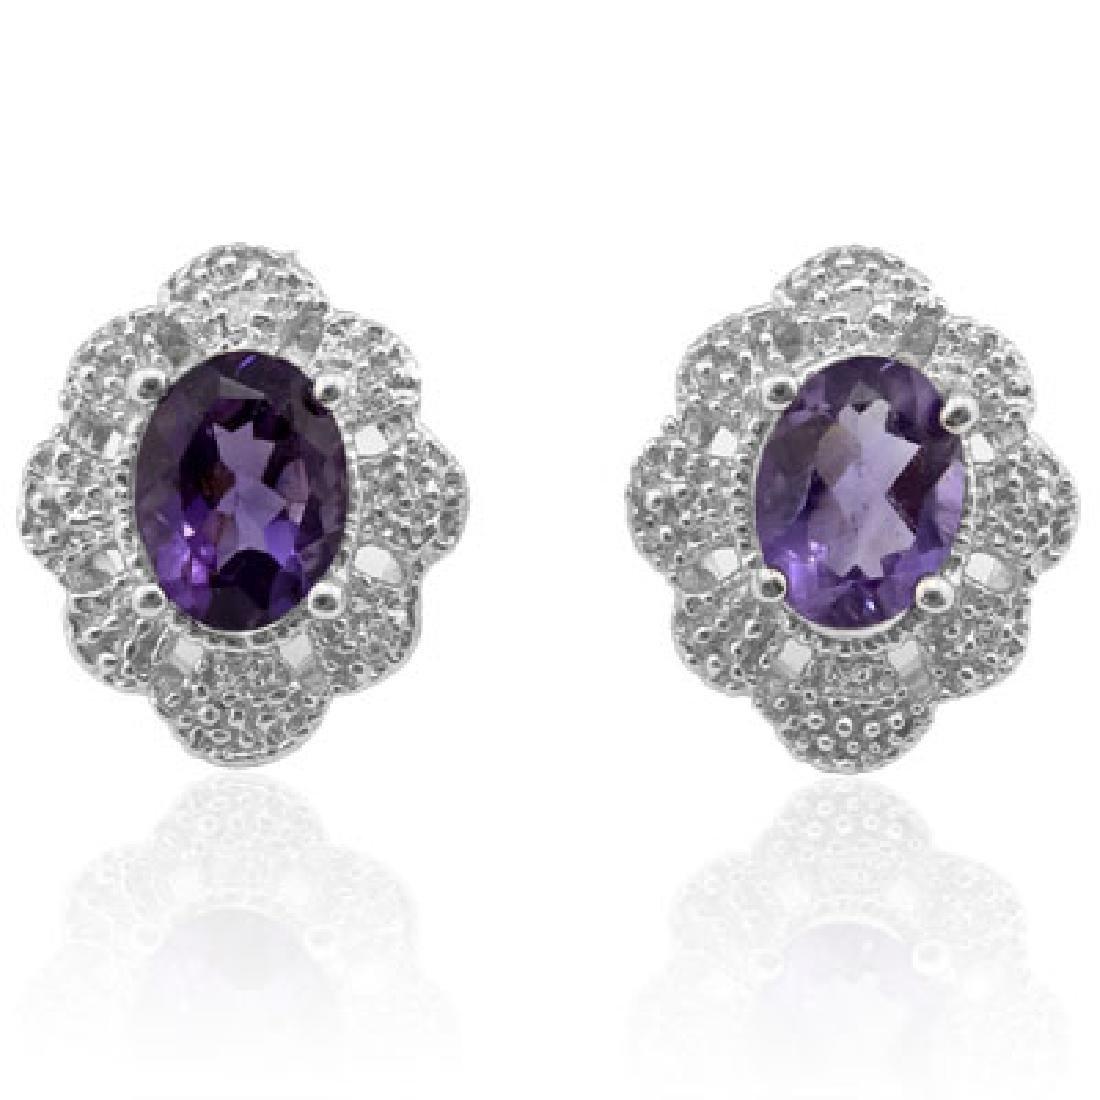 Natural Amethyst & Diamond 2.36 carats Earrings